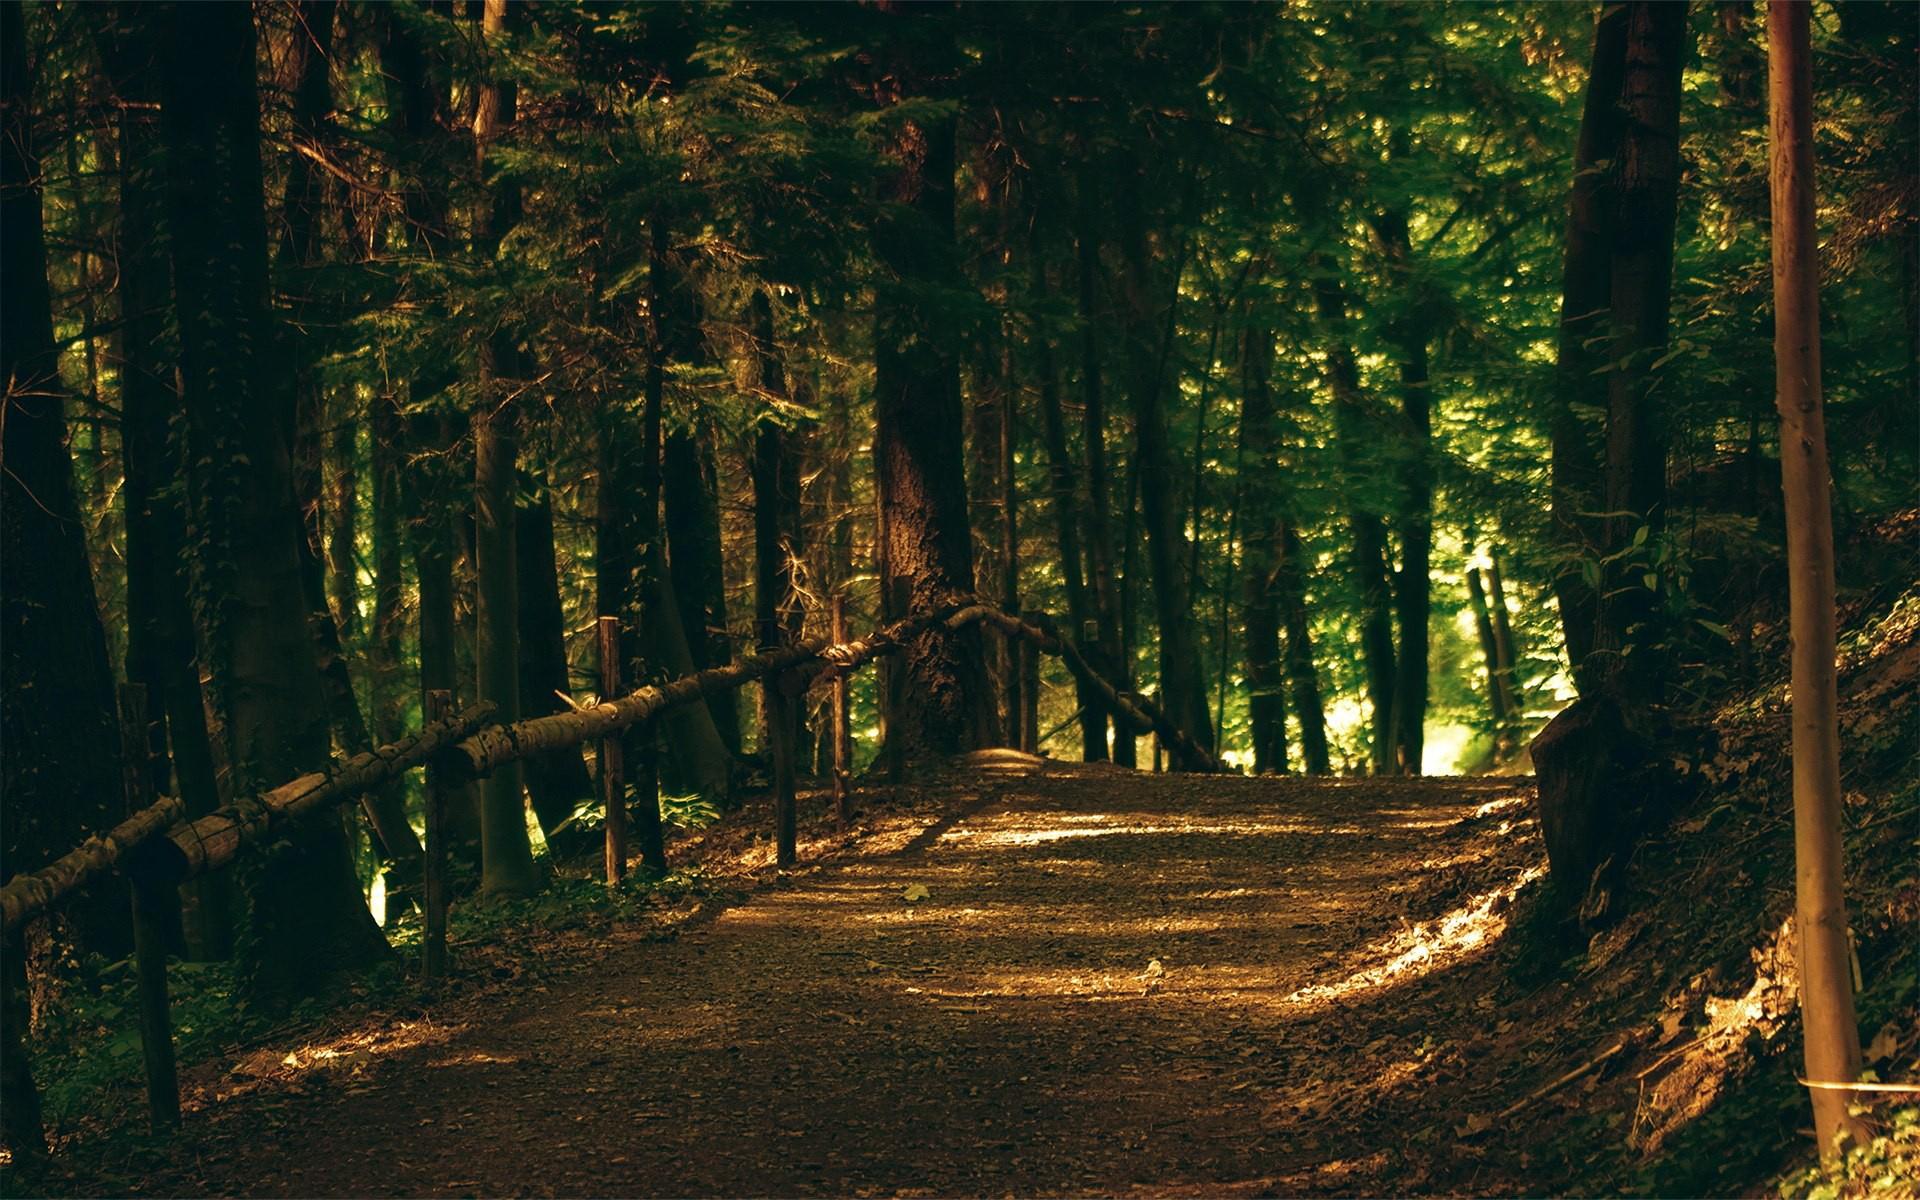 Картинка с лесом для фотошопа, спокойной ночи любимая